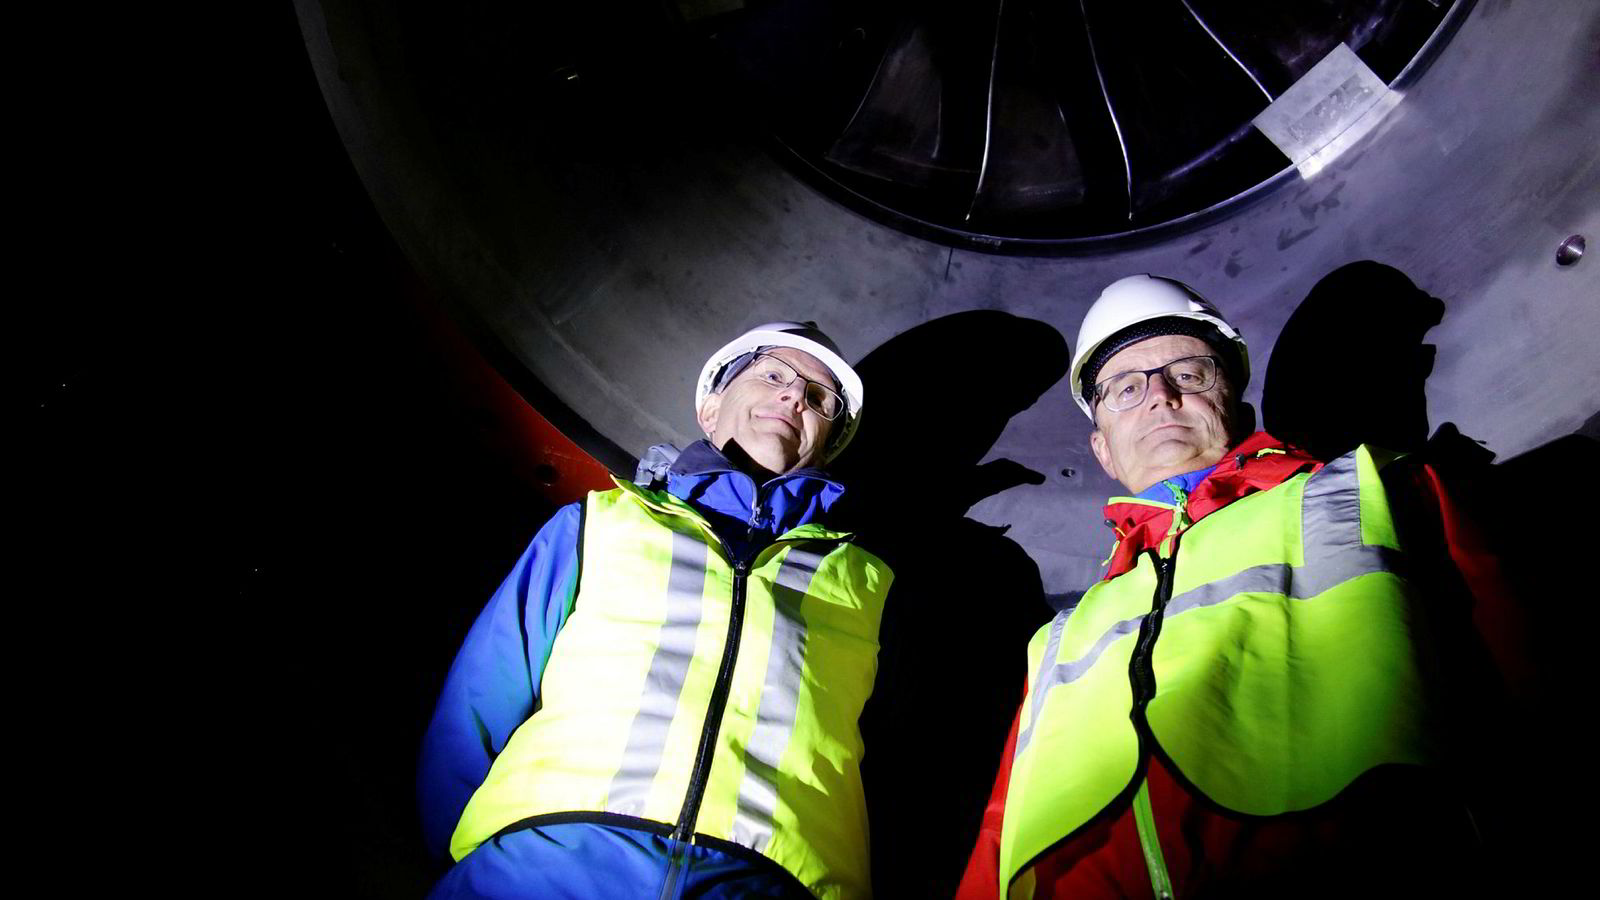 Konserndirektør Leiv Inge Ørke (til venstre) og toppsjef Eimund Nygaard i Lyse åpnet i 2018 det oppgraderte Lysebotn-kraftverket til 1,8 milliarder kroner. Her under skovlen i byggeperioden.